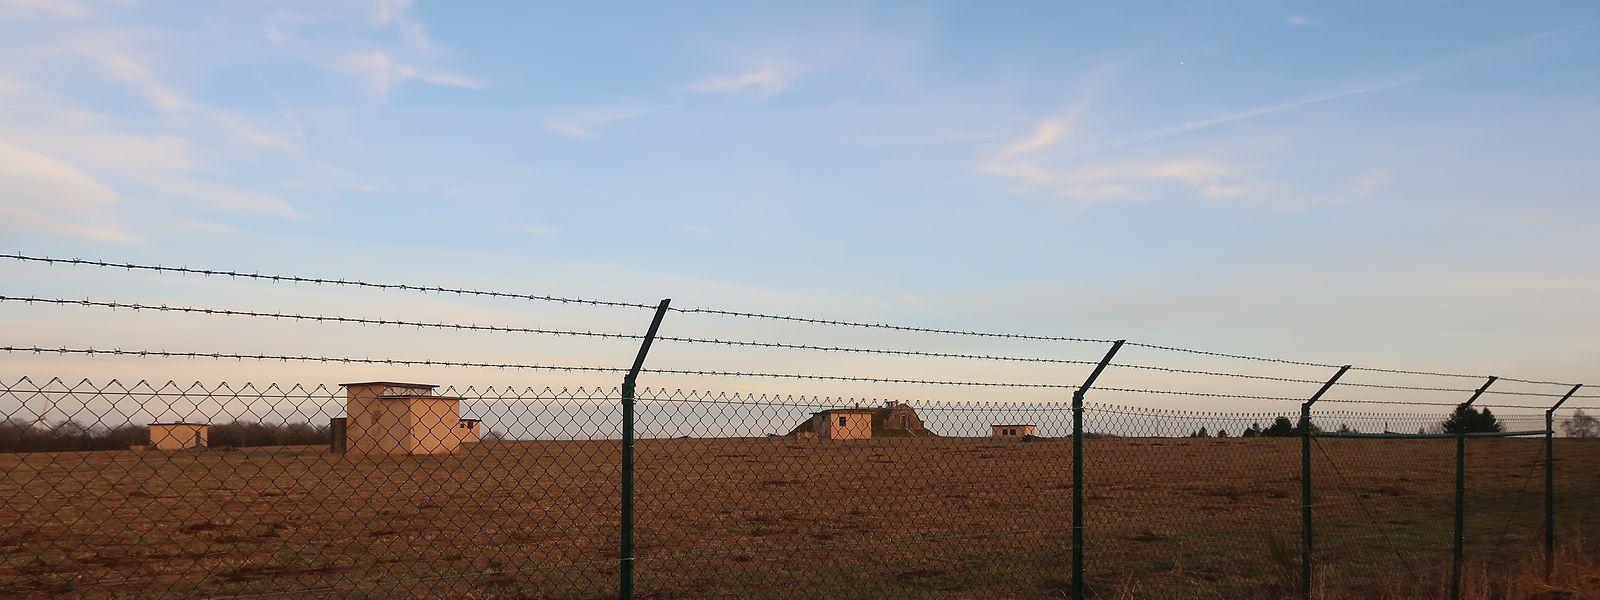 Wo früher mehrere RTL-Sendemasten standen, sollte eigentlich eine Flüchtlingsunterkunft gebaut werden. Momentan tut sich auf dem in staatlicher Hand befindlichen Gelände allerdings nichts.